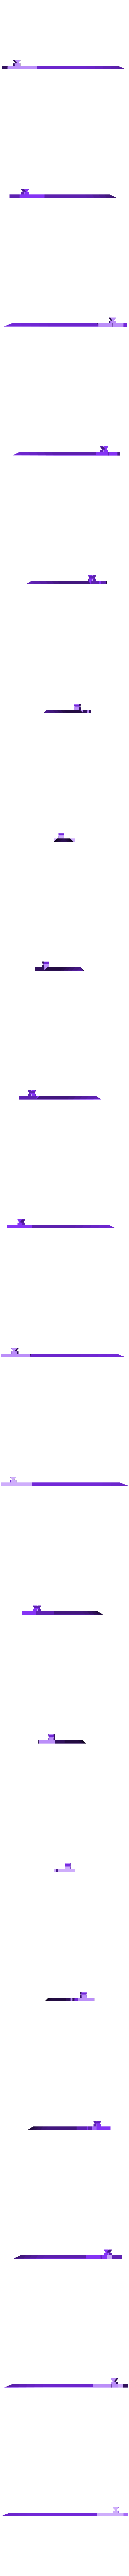 """blade_solid.stl Télécharger fichier STL gratuit OTF Knife Switch Blade (Fonctionnel) version """"améliorée"""" v1.2 • Modèle imprimable en 3D, mathiaspl20"""